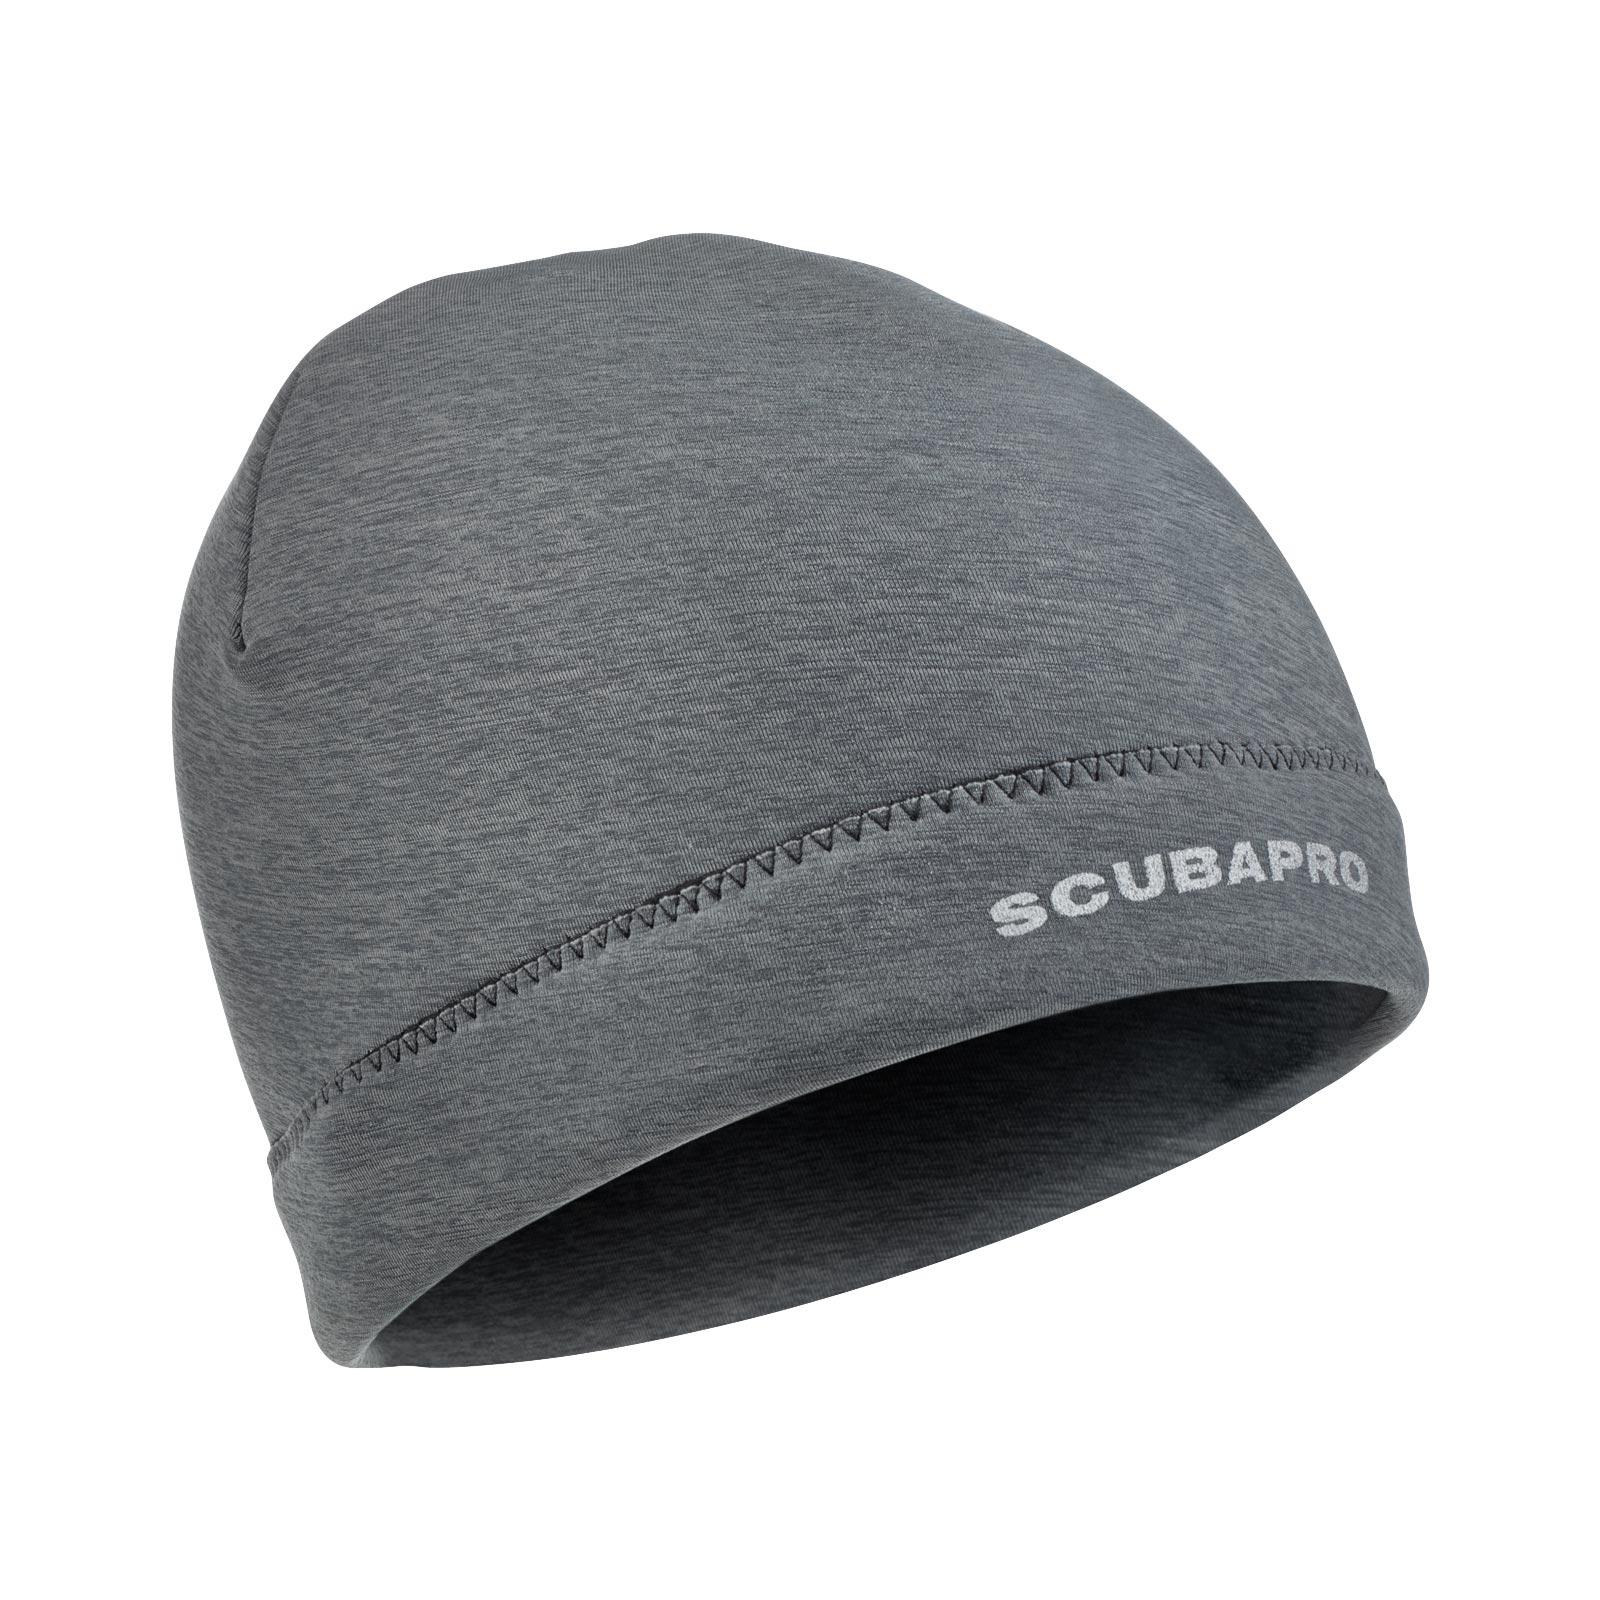 SCUBAPRO - Neoprene Beanie (Mütze) 2mm